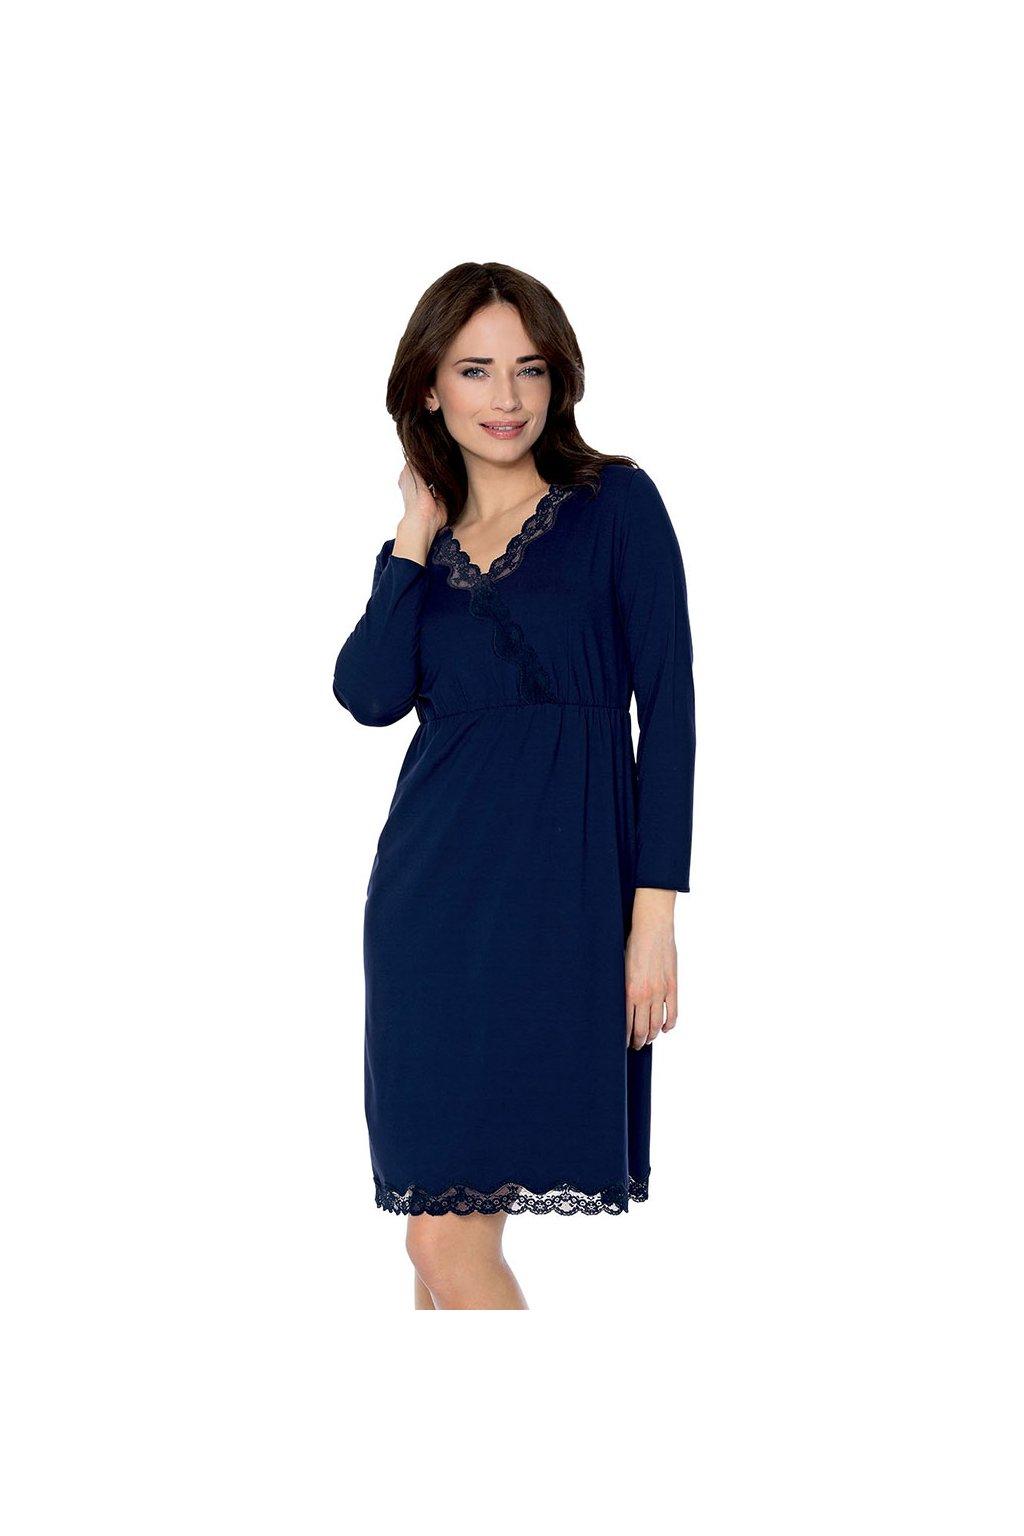 Dámská noční košile se 7/8 rukávem, 104489 163, tmavě modrá